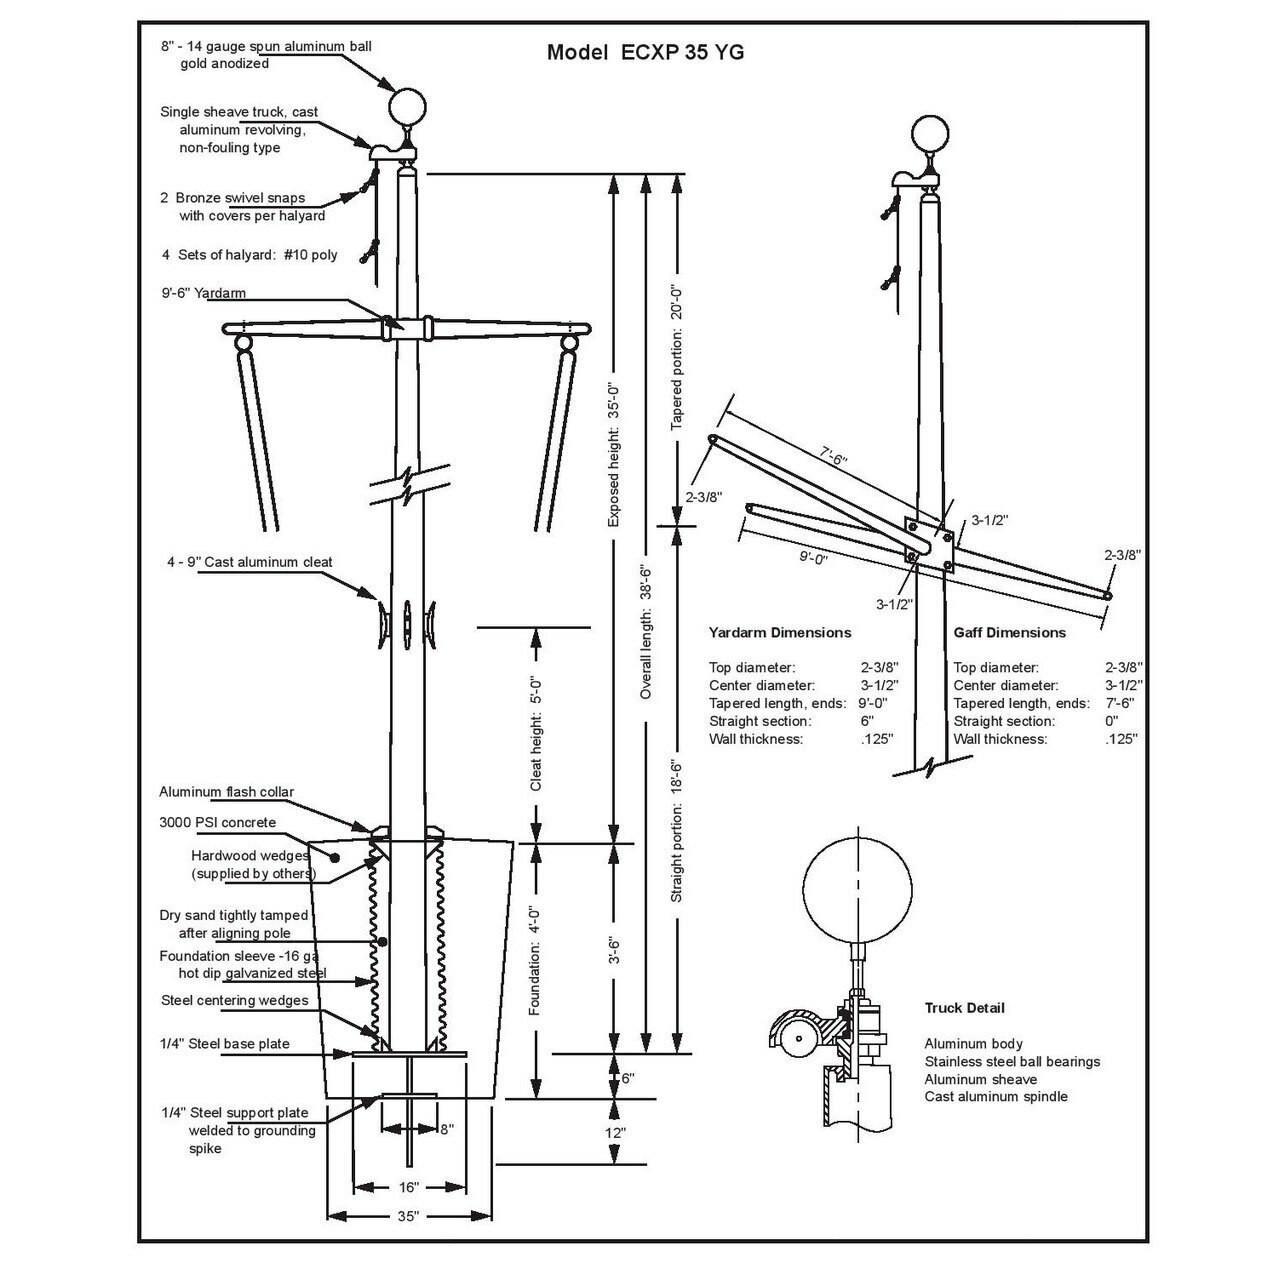 35 Nautical Flagpole w/ Yardarm, Gaff, and Collar ECXP35YG